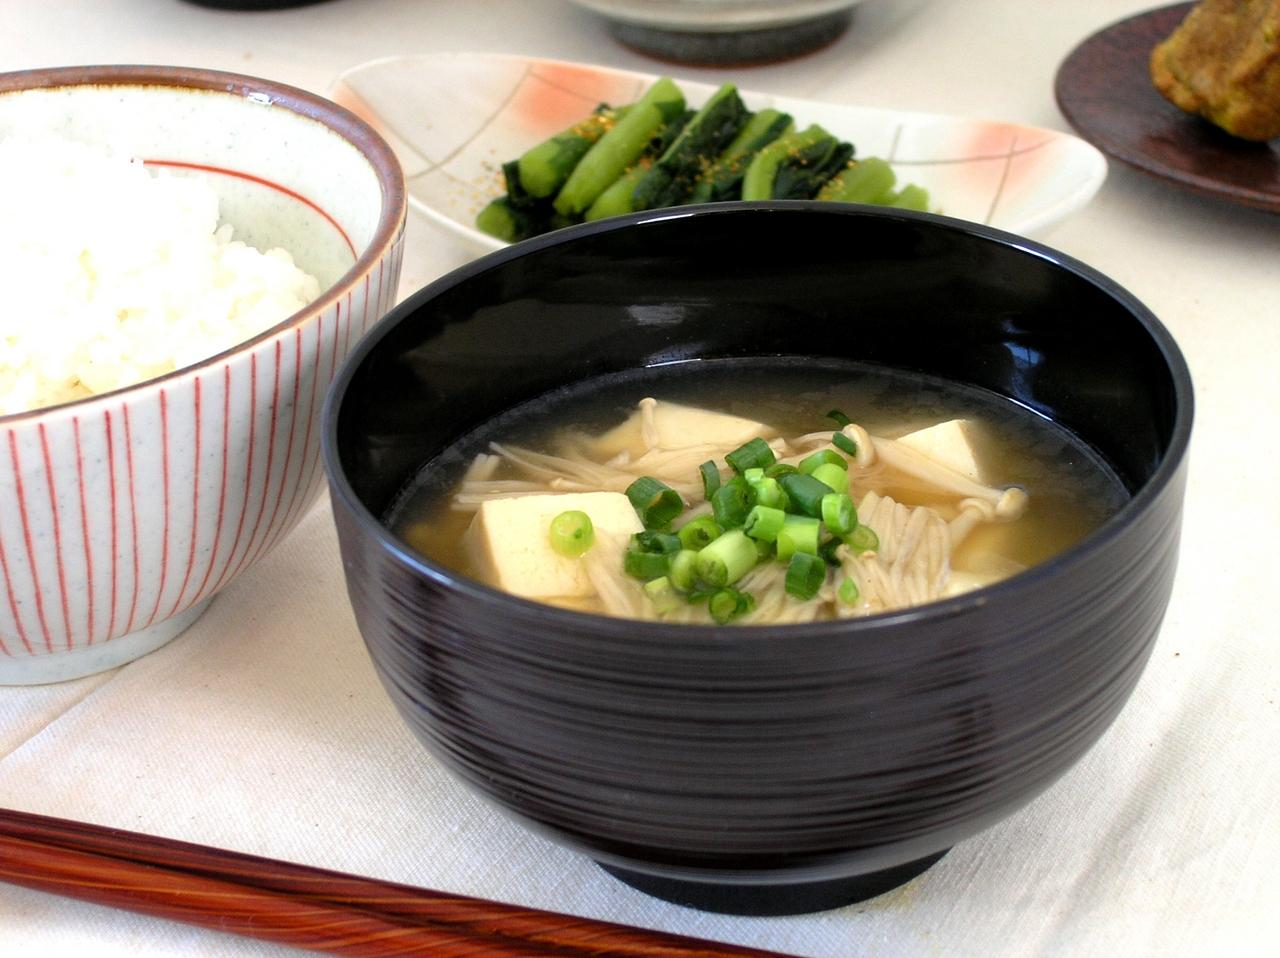 【基本のおさらい】お味噌汁の作り方【お手軽バージョンも♪】のサムネイル画像